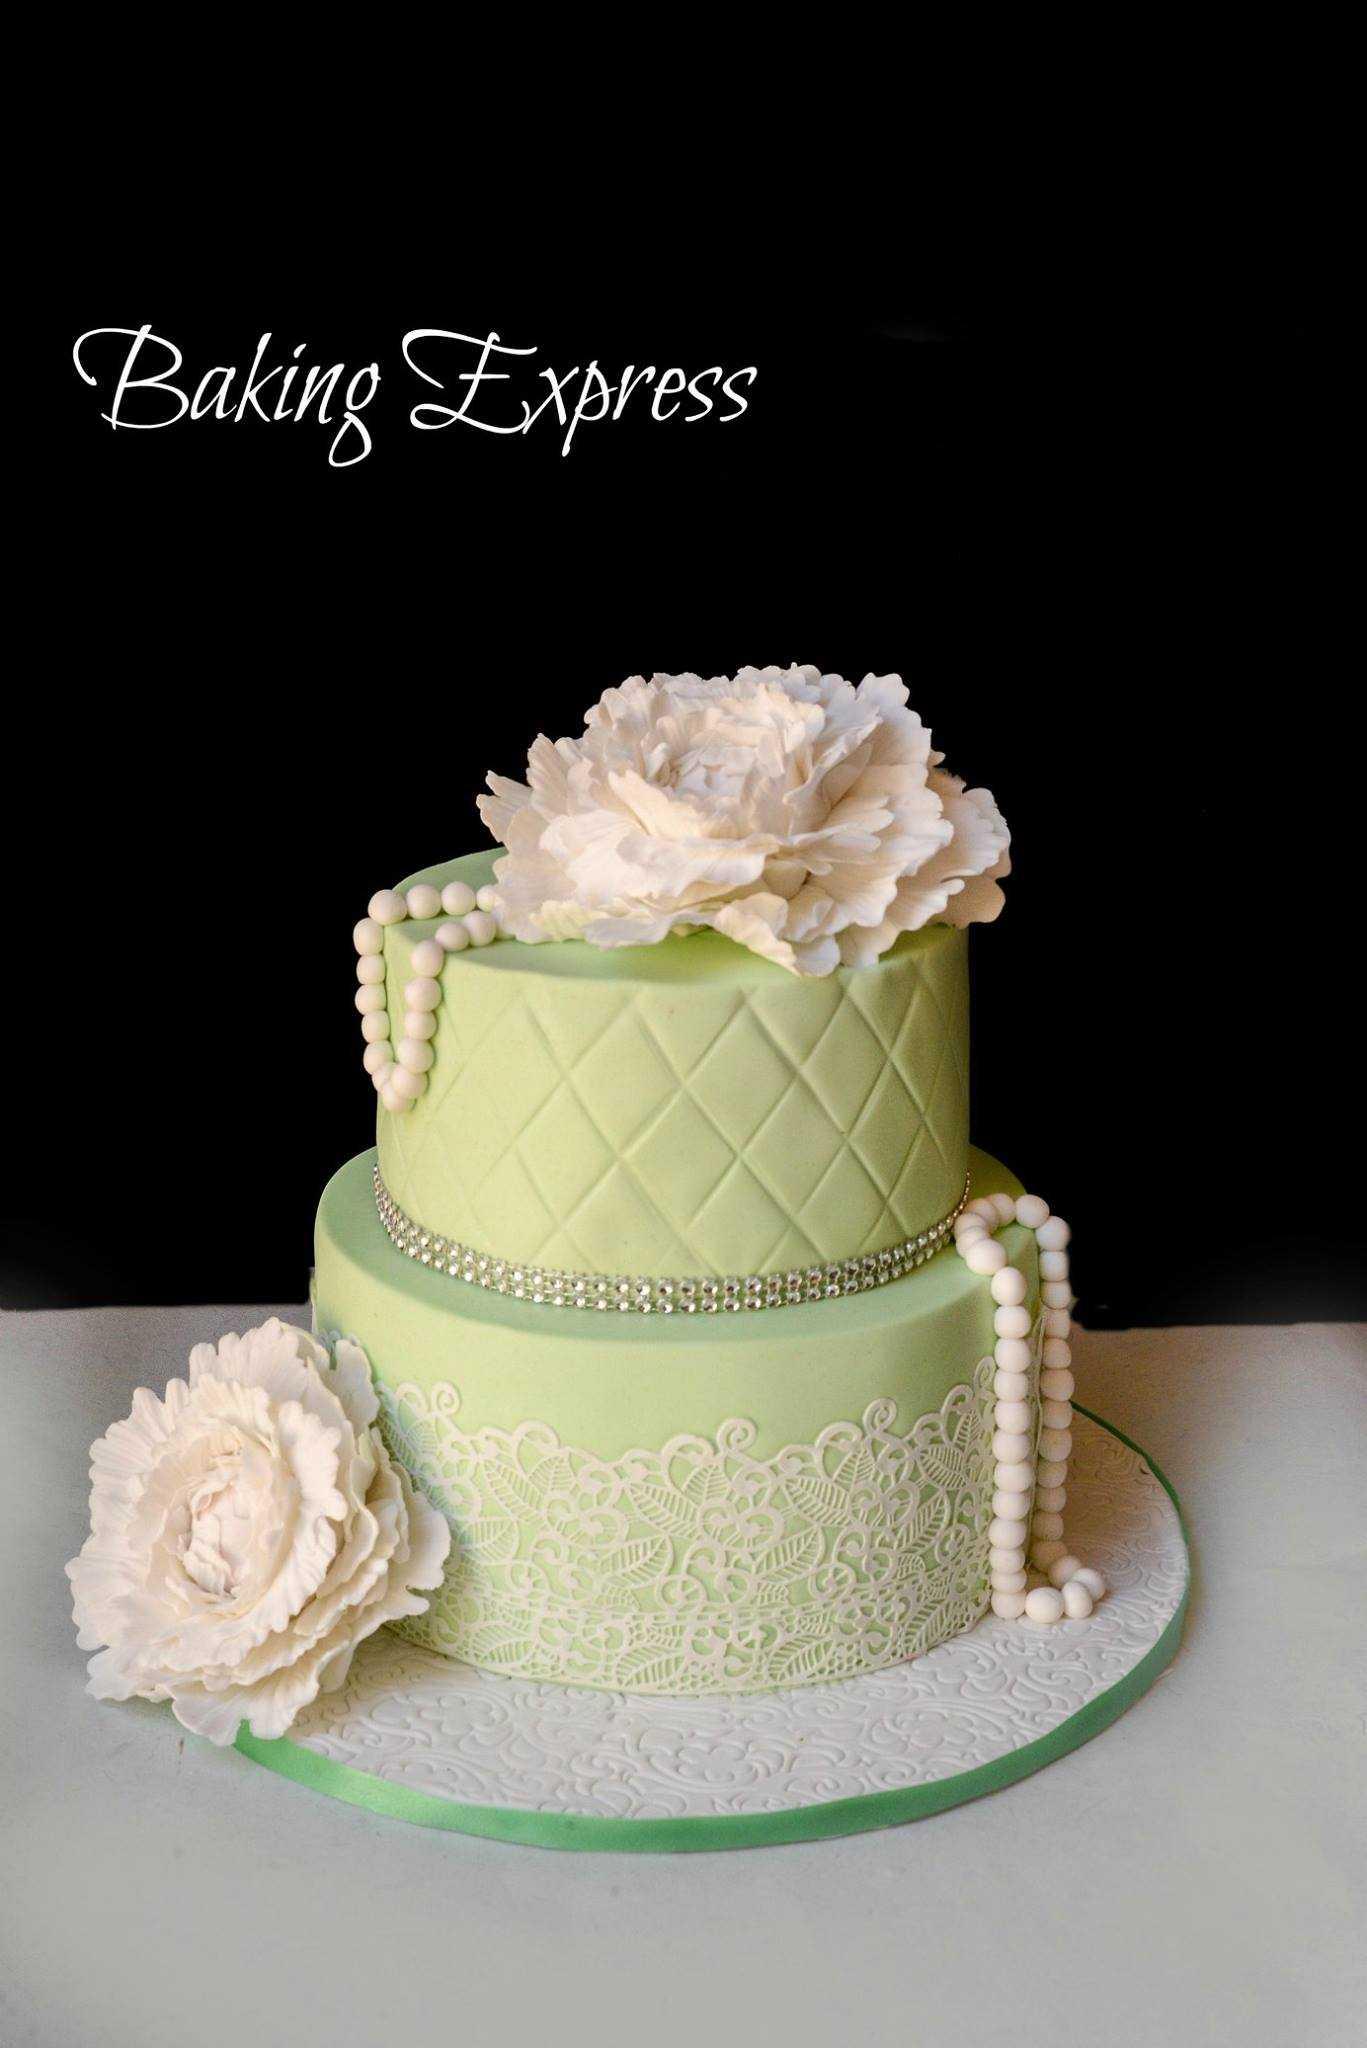 Baking-Express.jpg#asset:16142